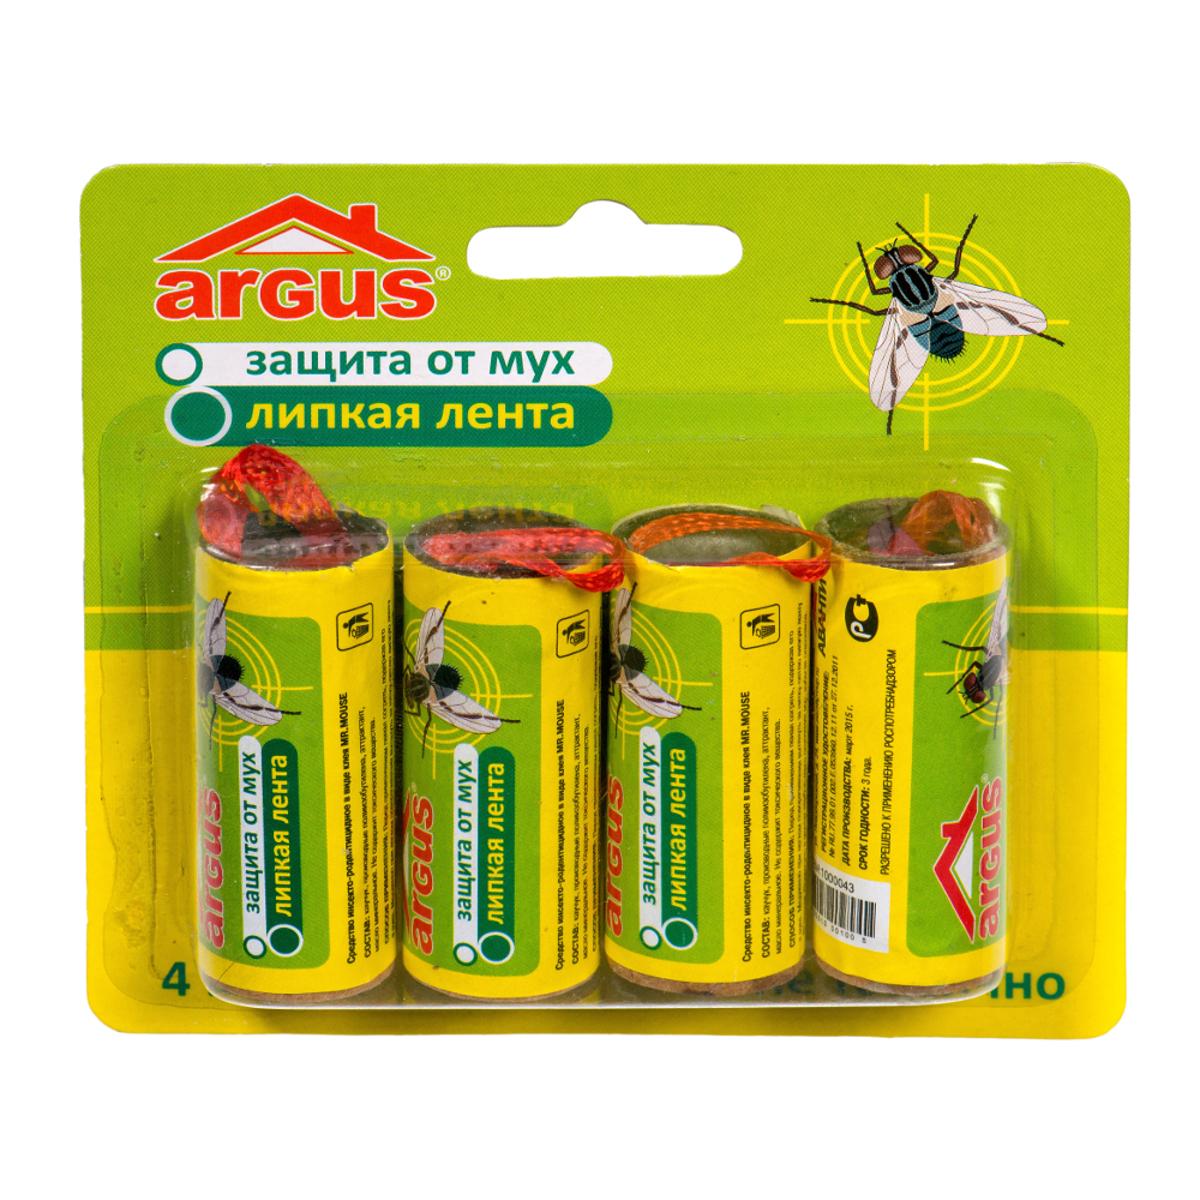 Липкая лента от мух Argus, 4 штCLP446Липкая лента Argus - это удобное и простое в использовании средство, которое надежно защитит вас и вашу семью от мух в закрытом помещении или значительно снизит их количество на открытом воздухе. Специальный аттрактант является привлекательной приманкой для мух, что делает липкие ленты Argus наиболее эффективными. Не содержит веществ, опасных для людей и домашних животных. Для помещения площадью 10 м2 требуется 2-3 липучки.Состав: каучук, производные полиизобутилена, аттрактант, масло минеральное.